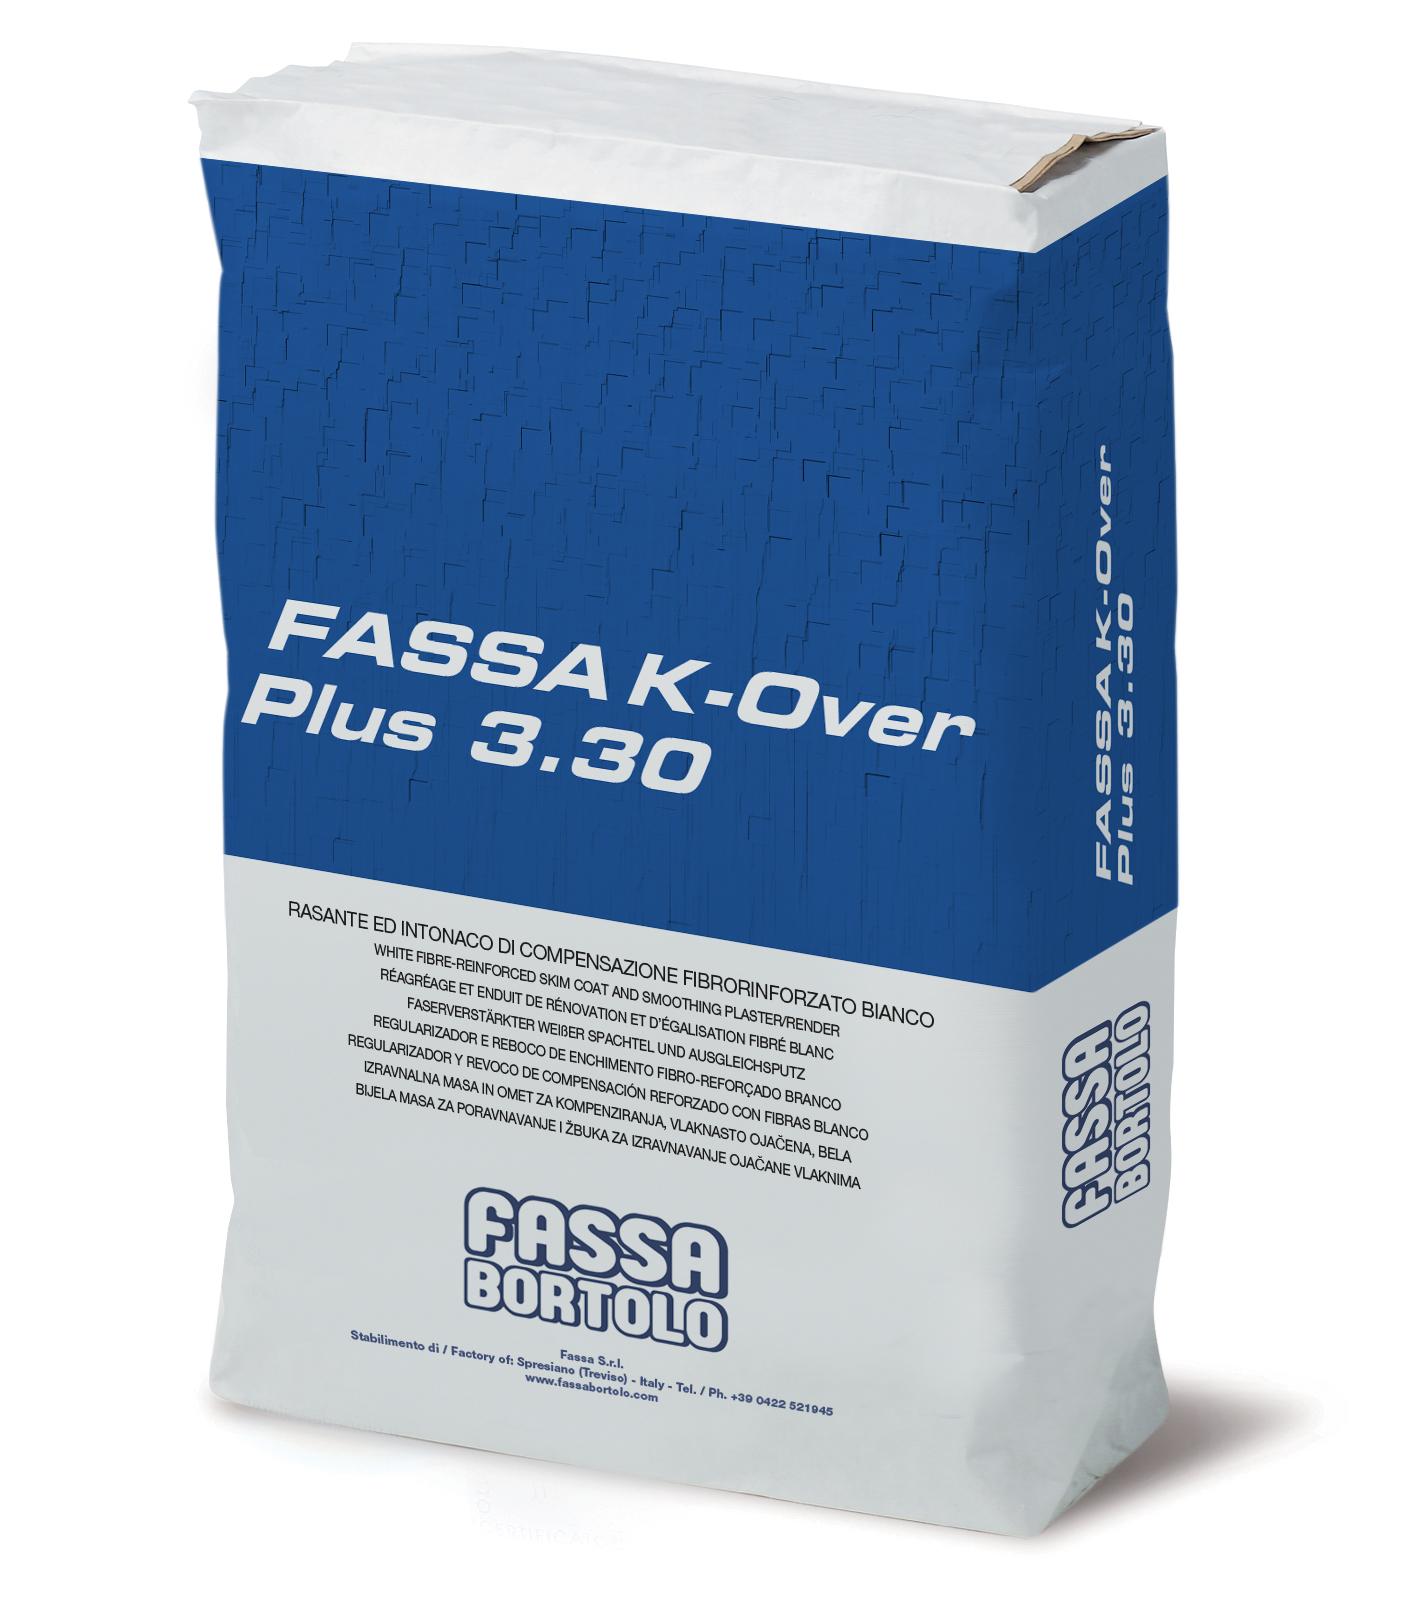 FASSA K-OVER PLUS 3.30: Rasante ed intonaco di compensazione fibrorinforzato bianco per la regolarizzazione ed il restauro di superfici interne ed esterne